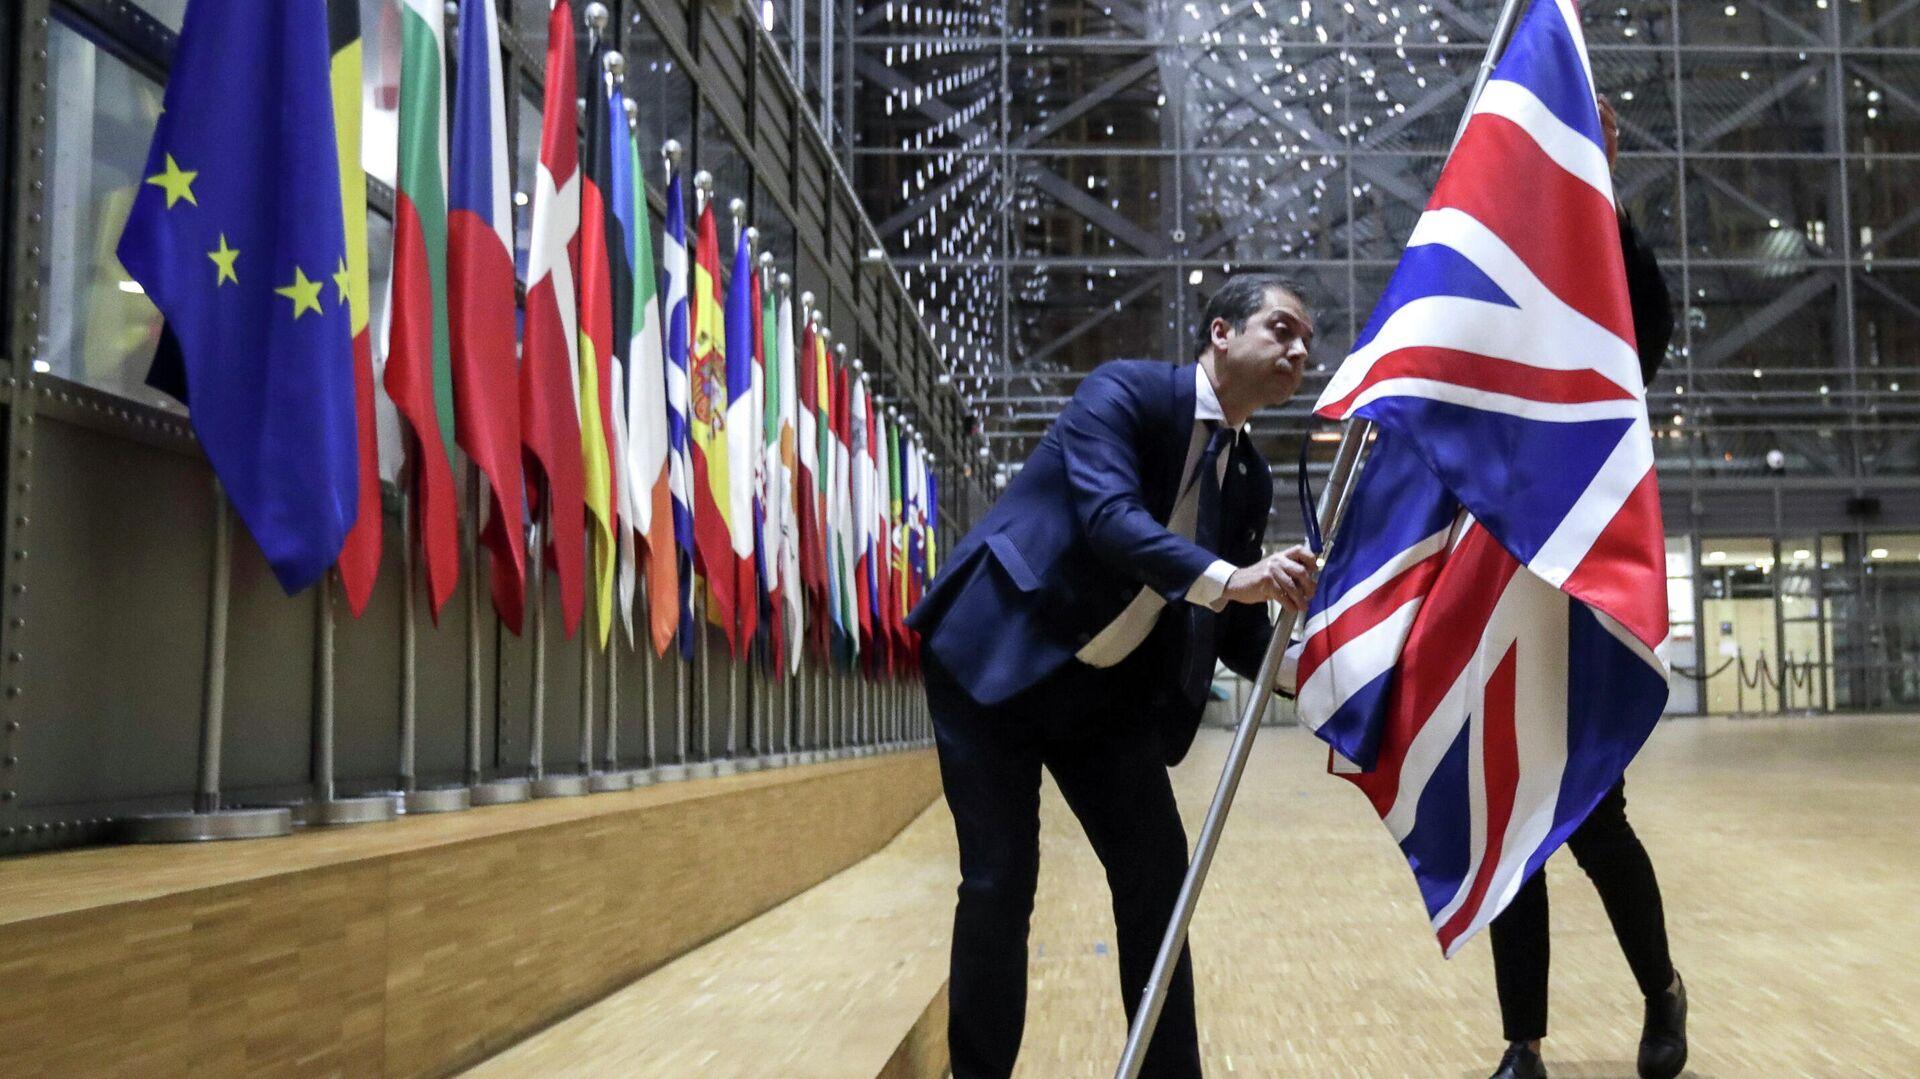 Сотрудники протокола убирают флаг Великобритании у здания Европы в Брюсселе - РИА Новости, 1920, 24.12.2020